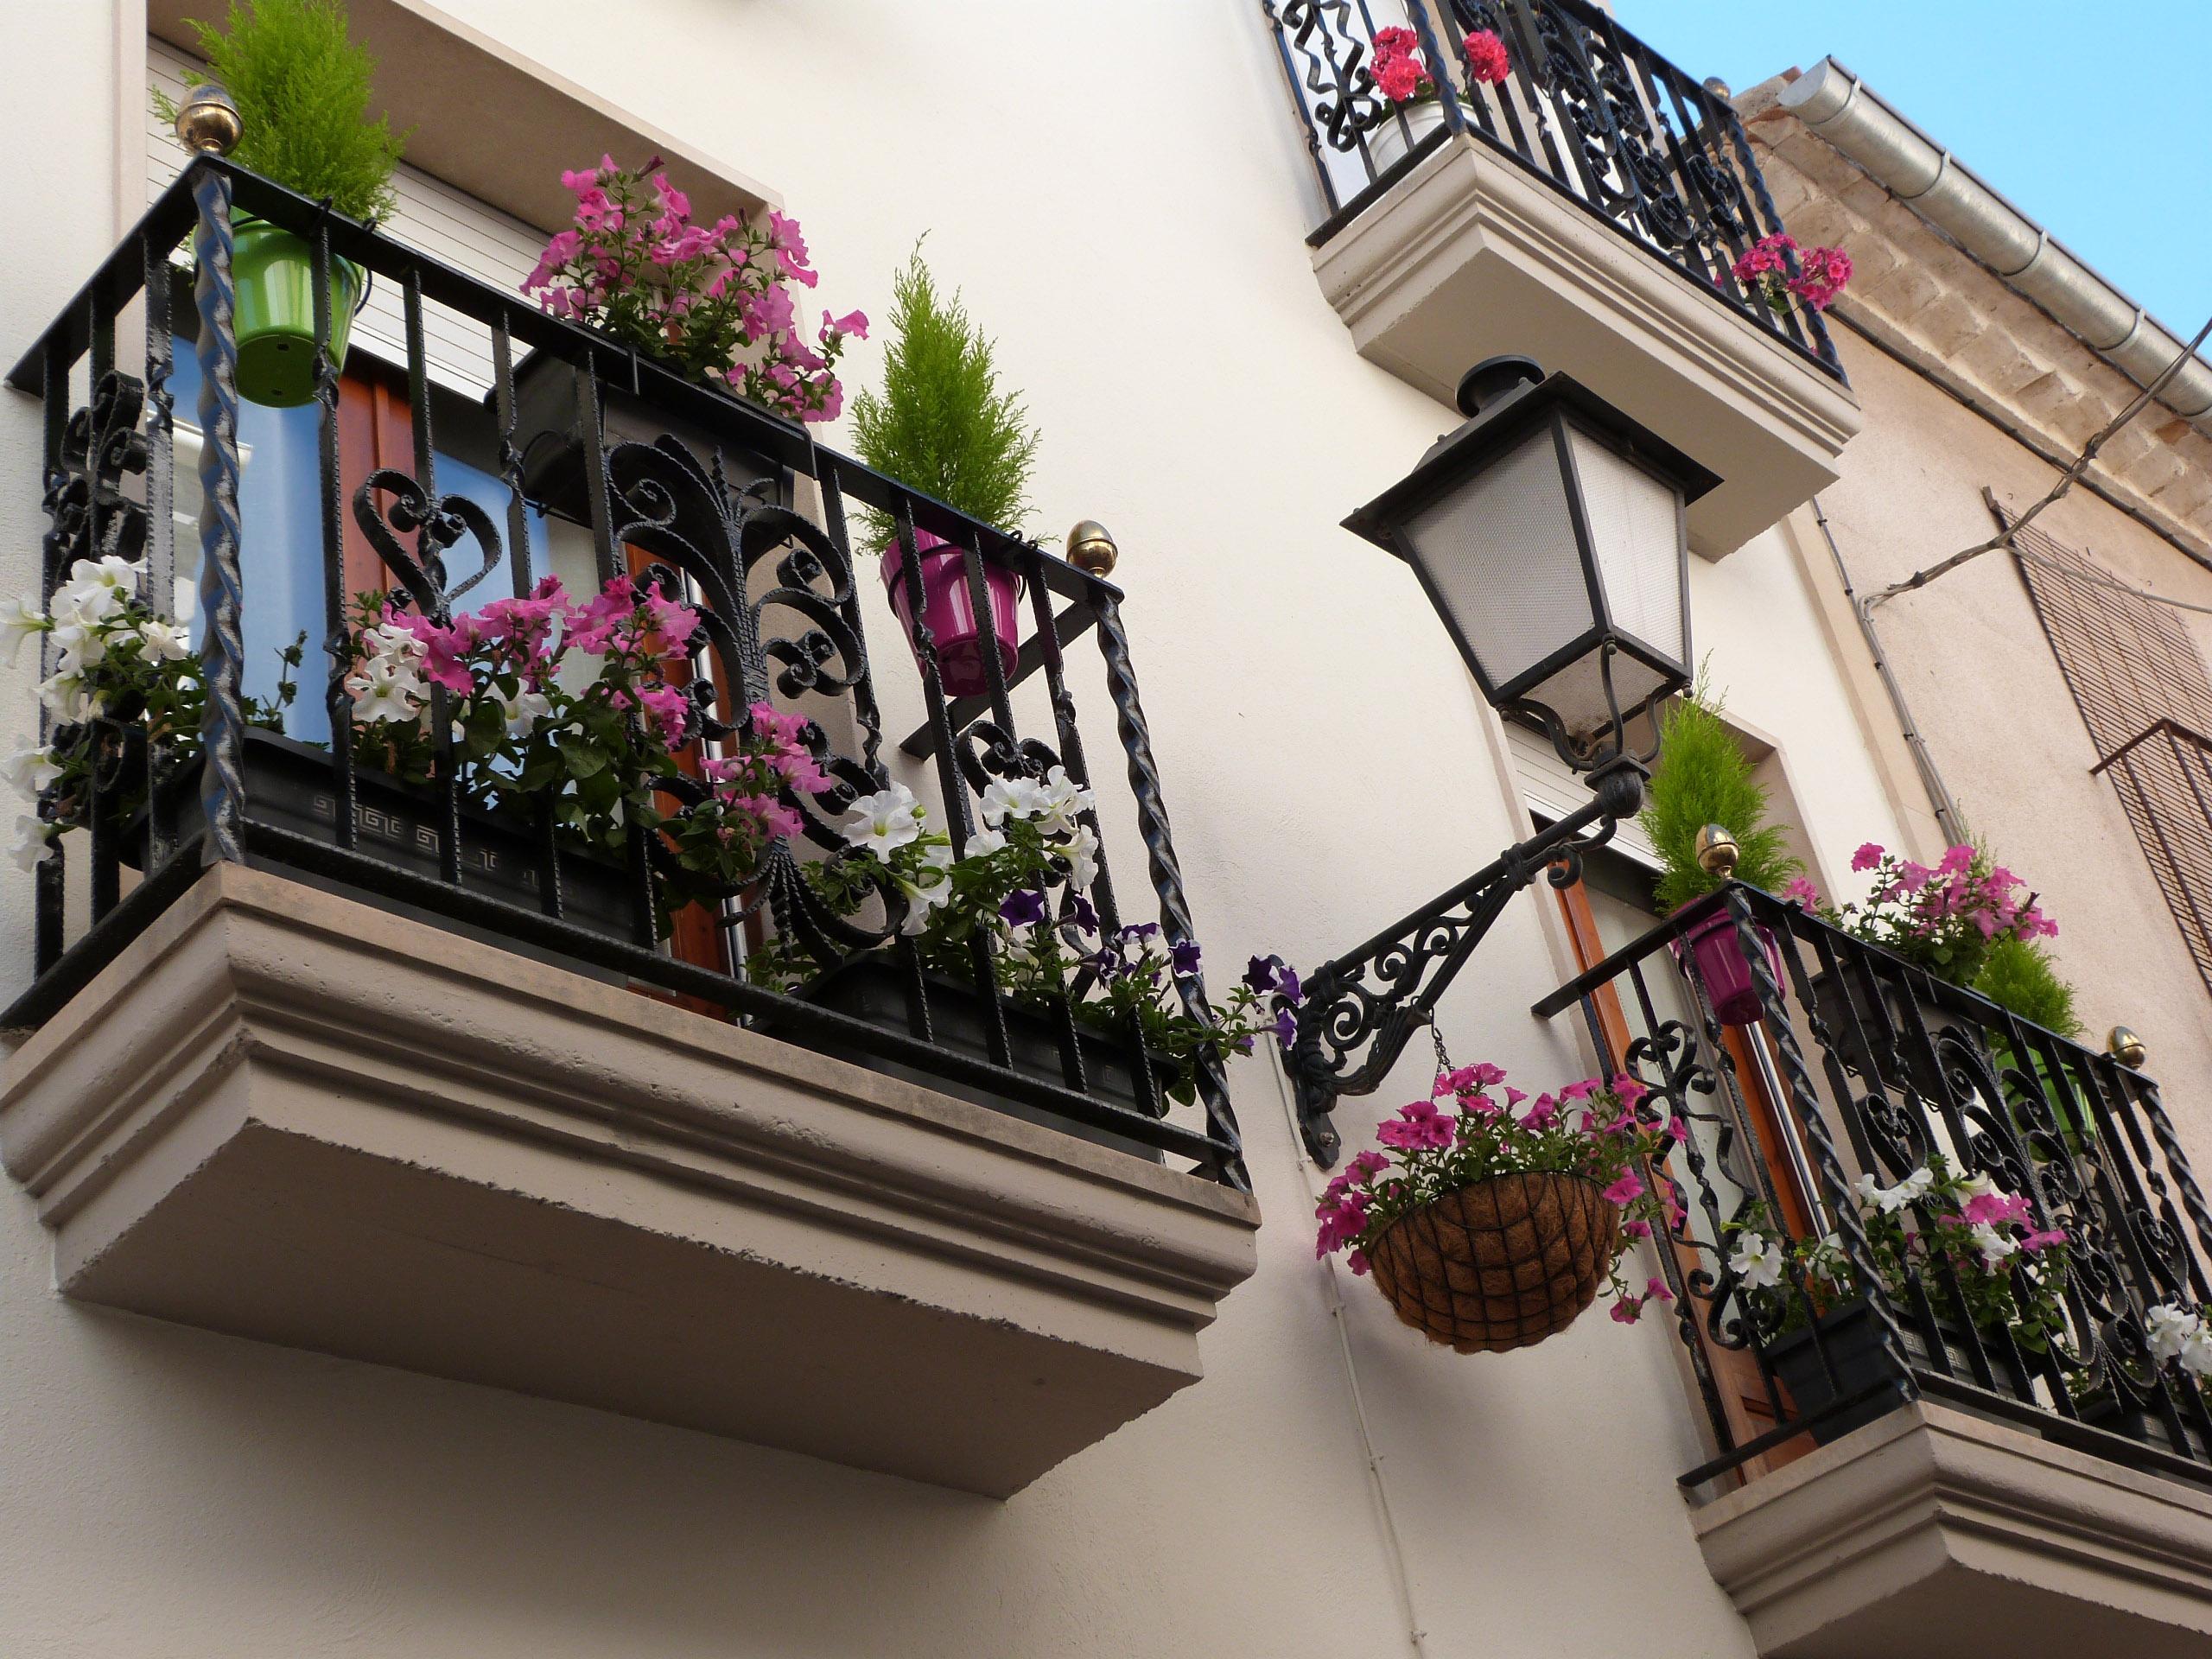 Les Borges convoca una nova edició del concurs per engalanar balcons amb plantes i flors naturals